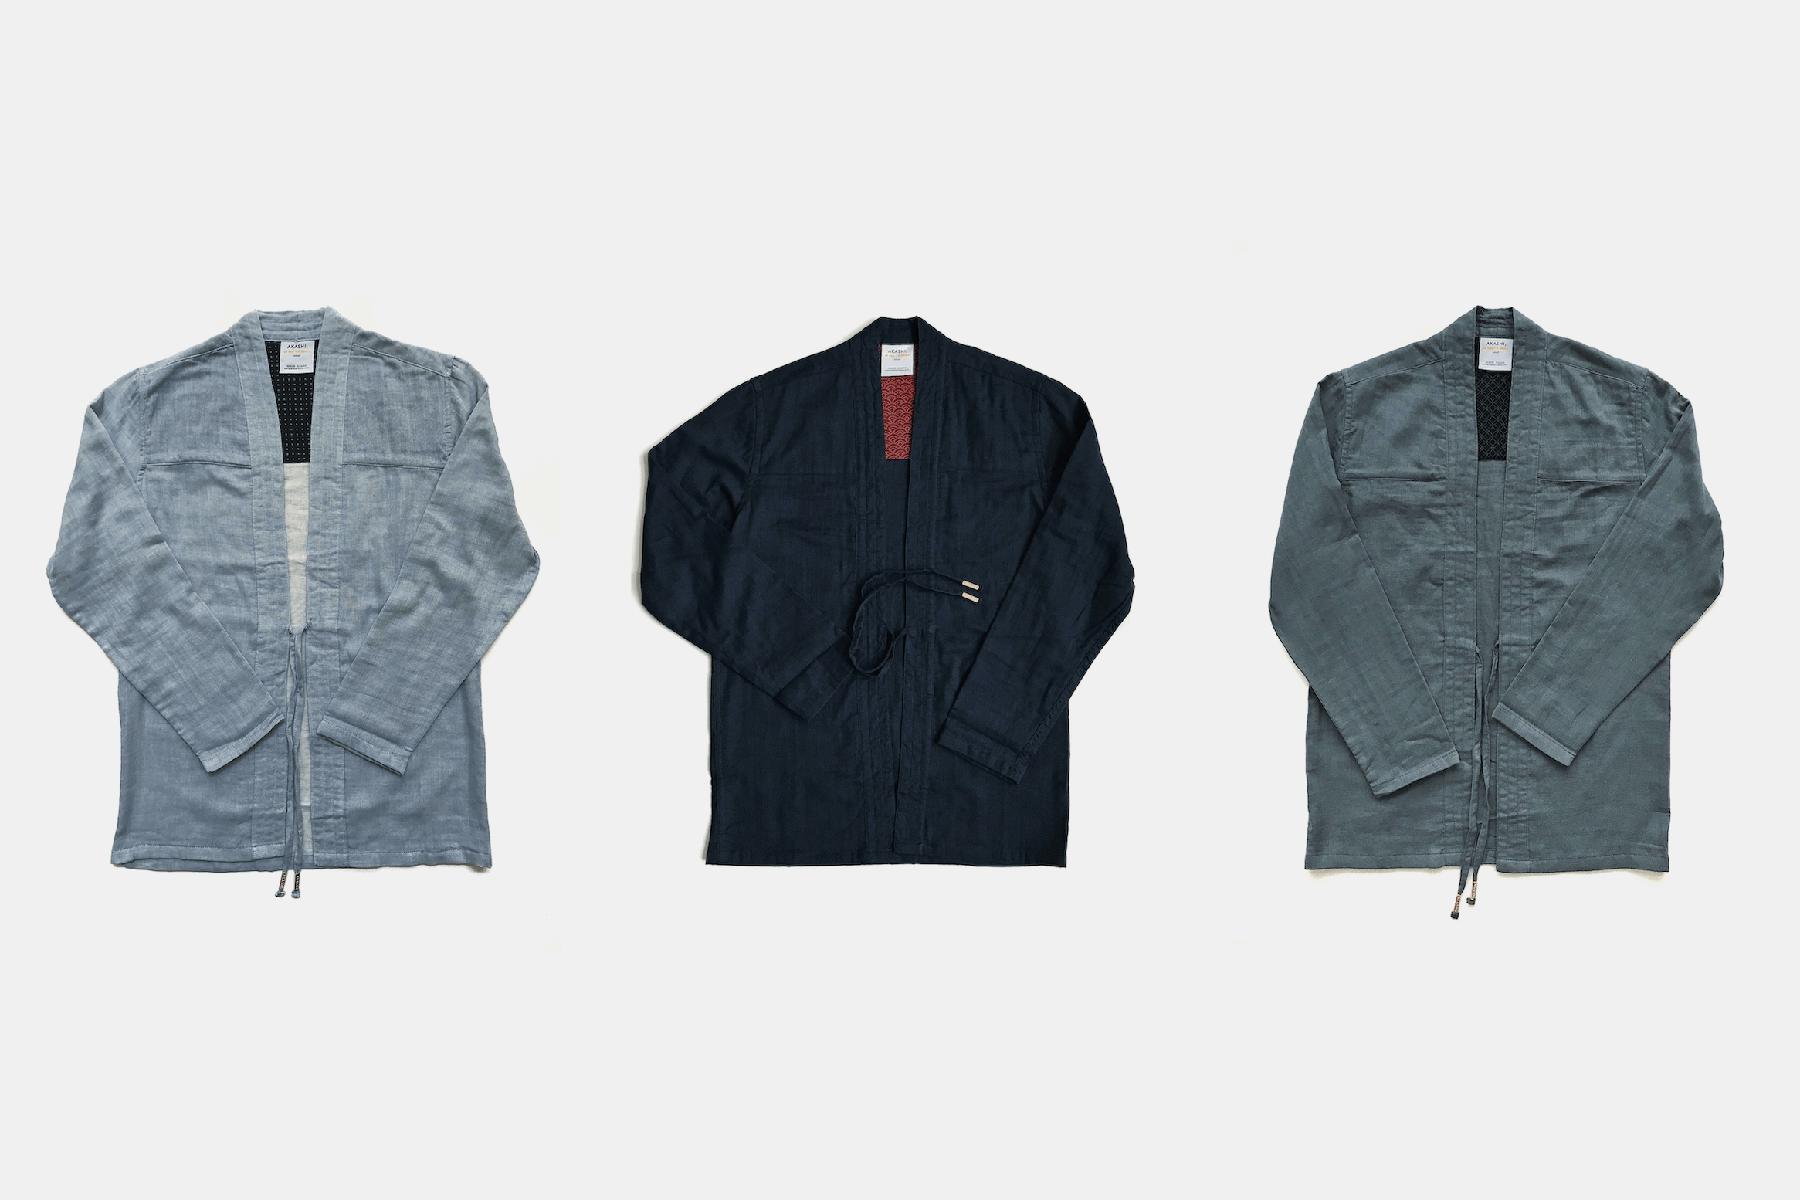 akashi-kama noragi jackets